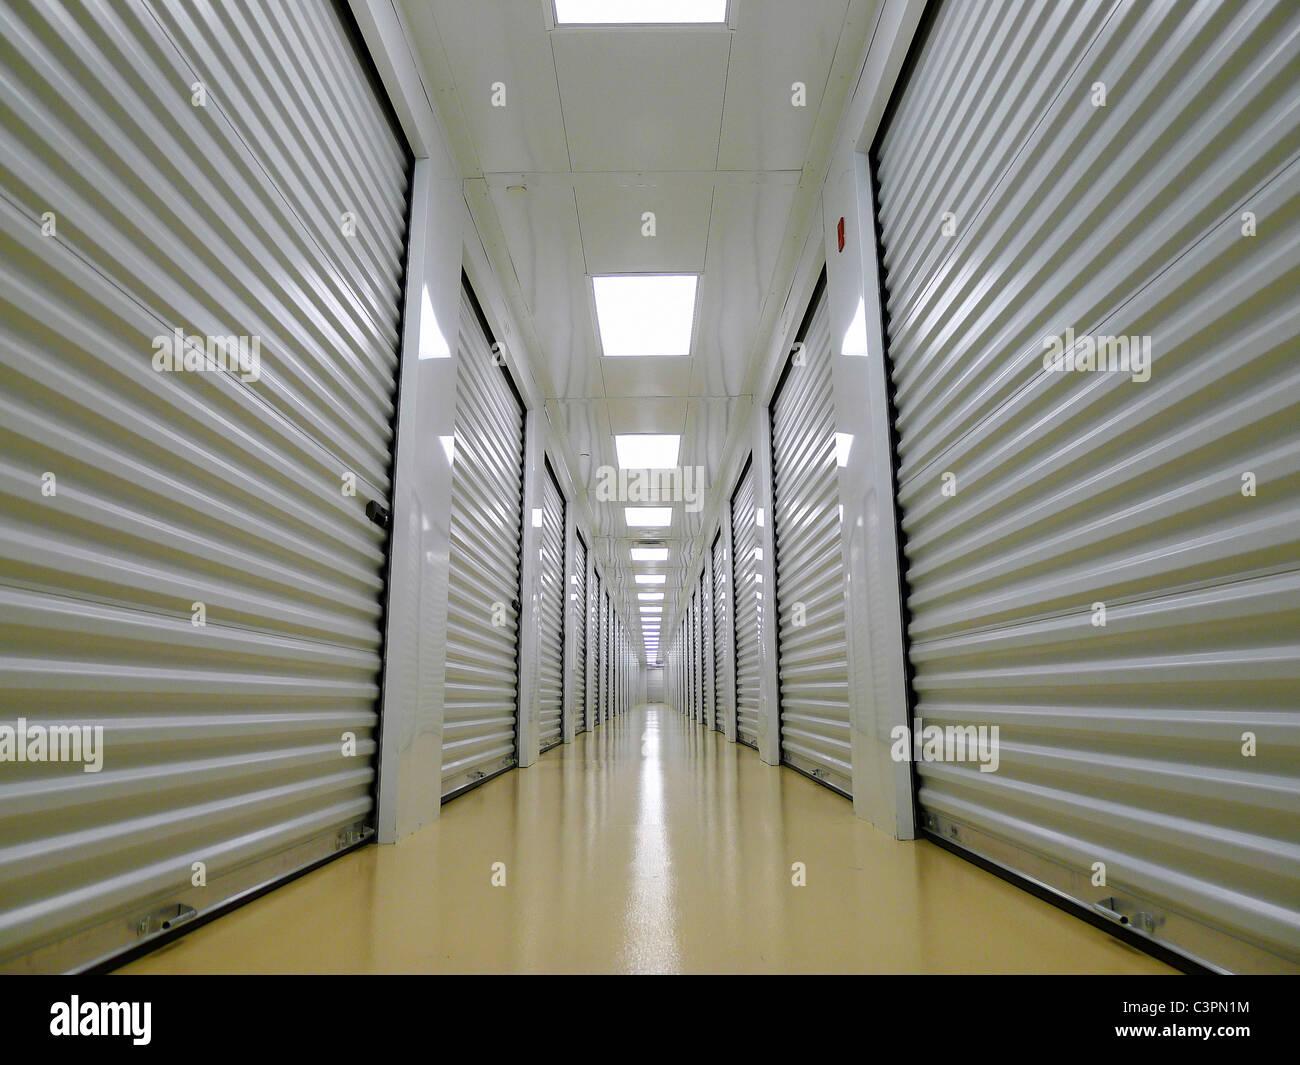 Private Indoor Schließfächer für eine sichere Lagerstätte. Stockbild